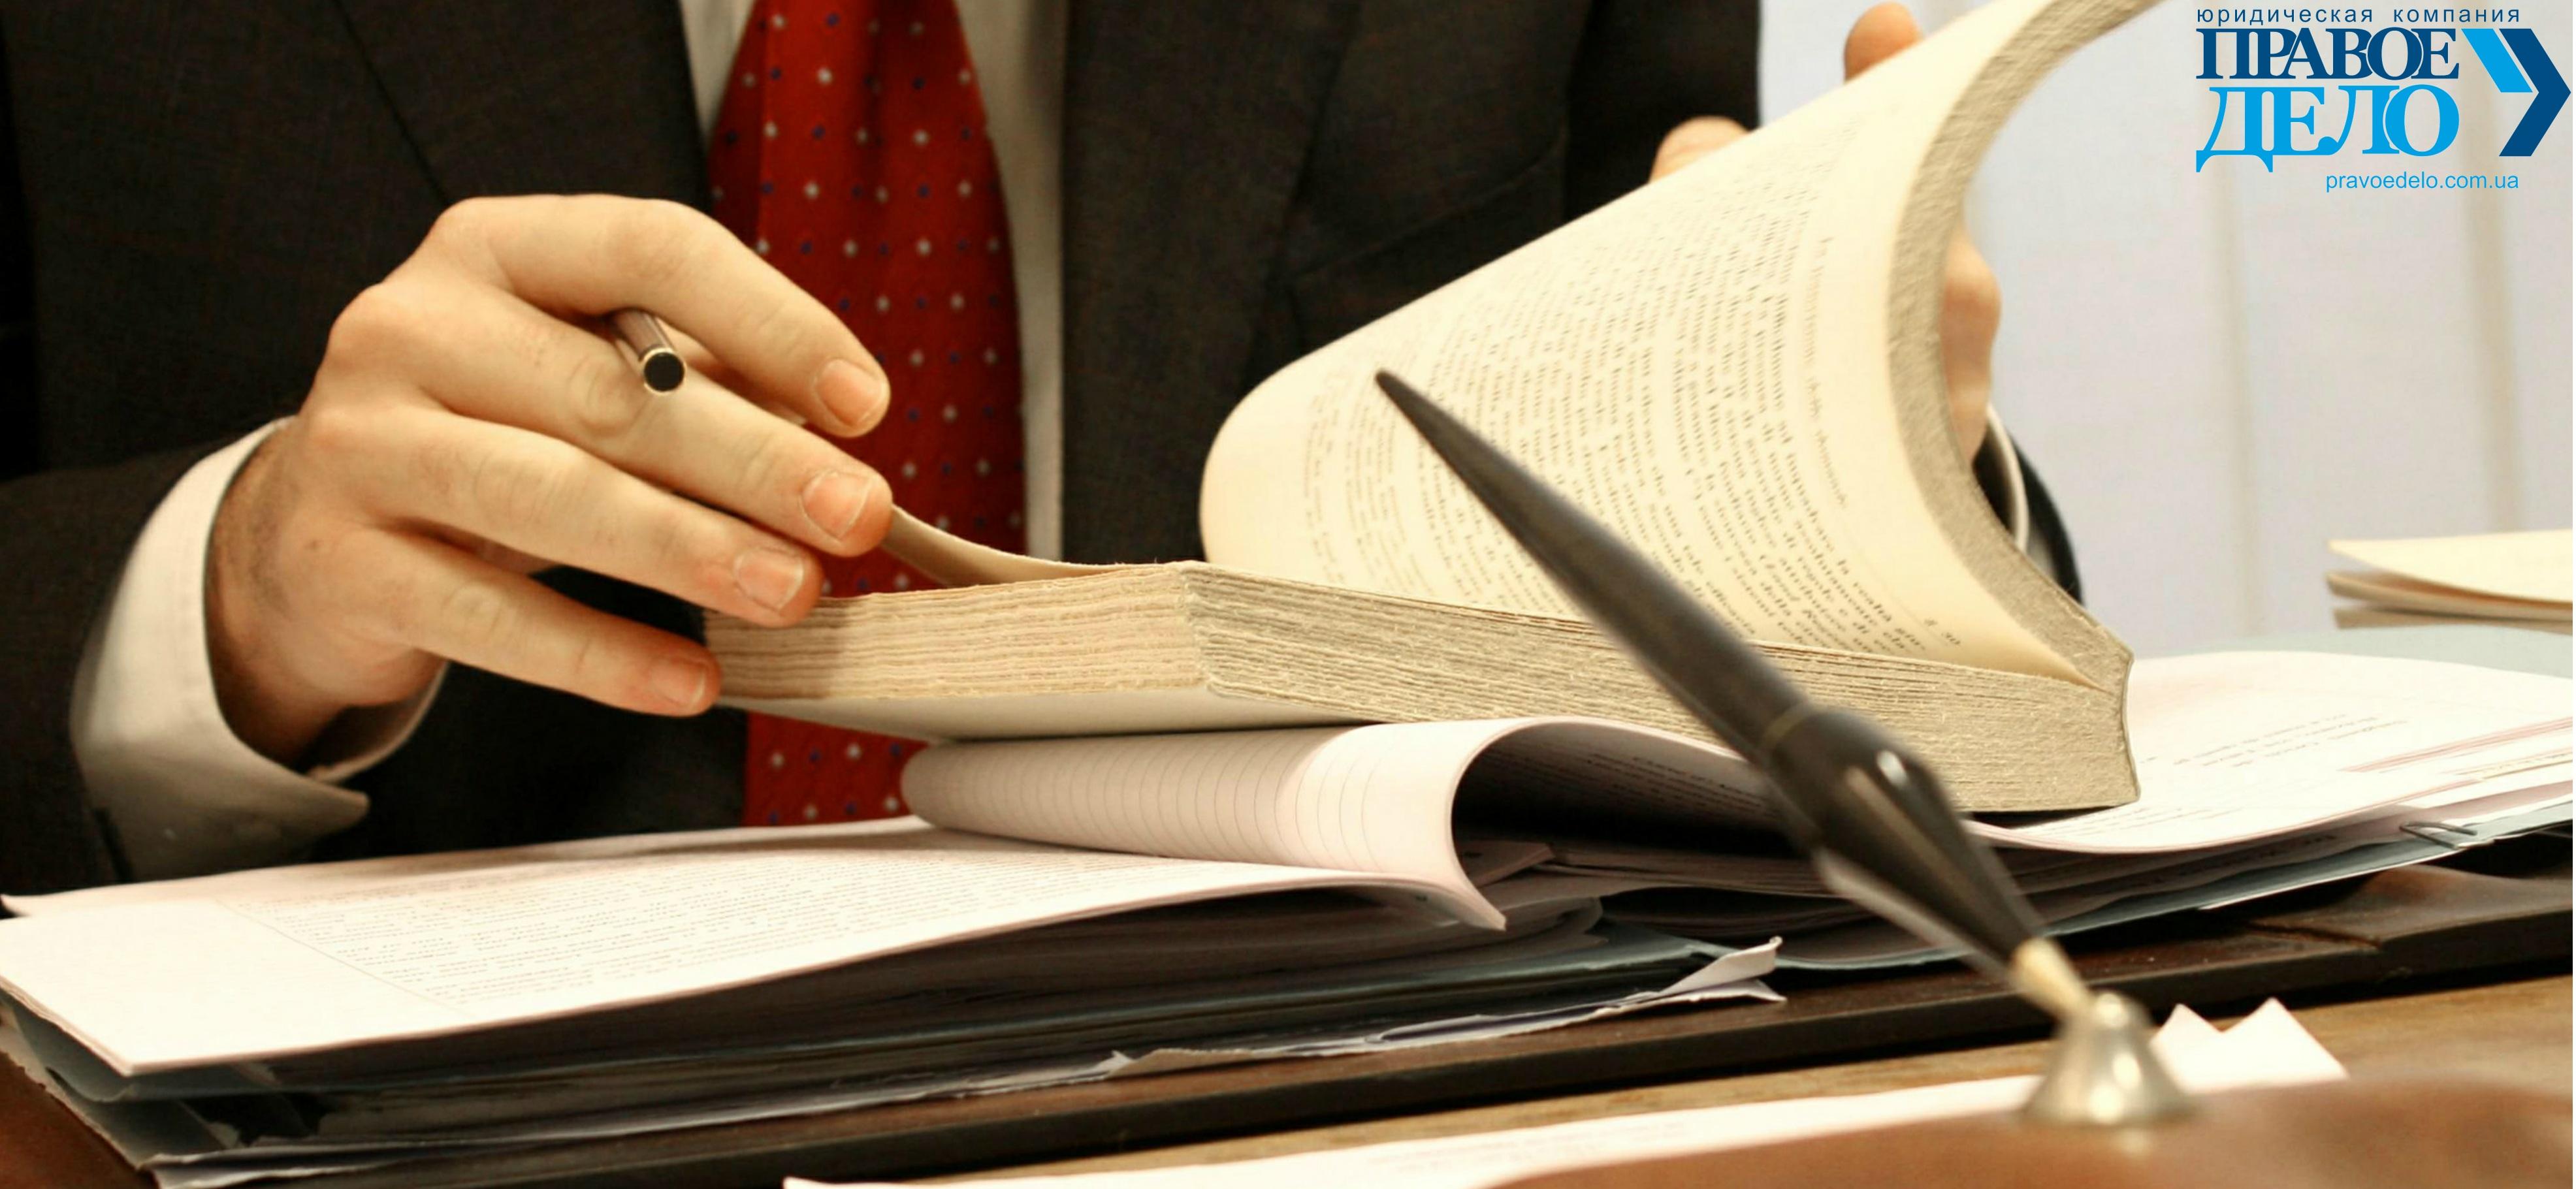 юридическая услуга изменения неправомерных требований заказчика